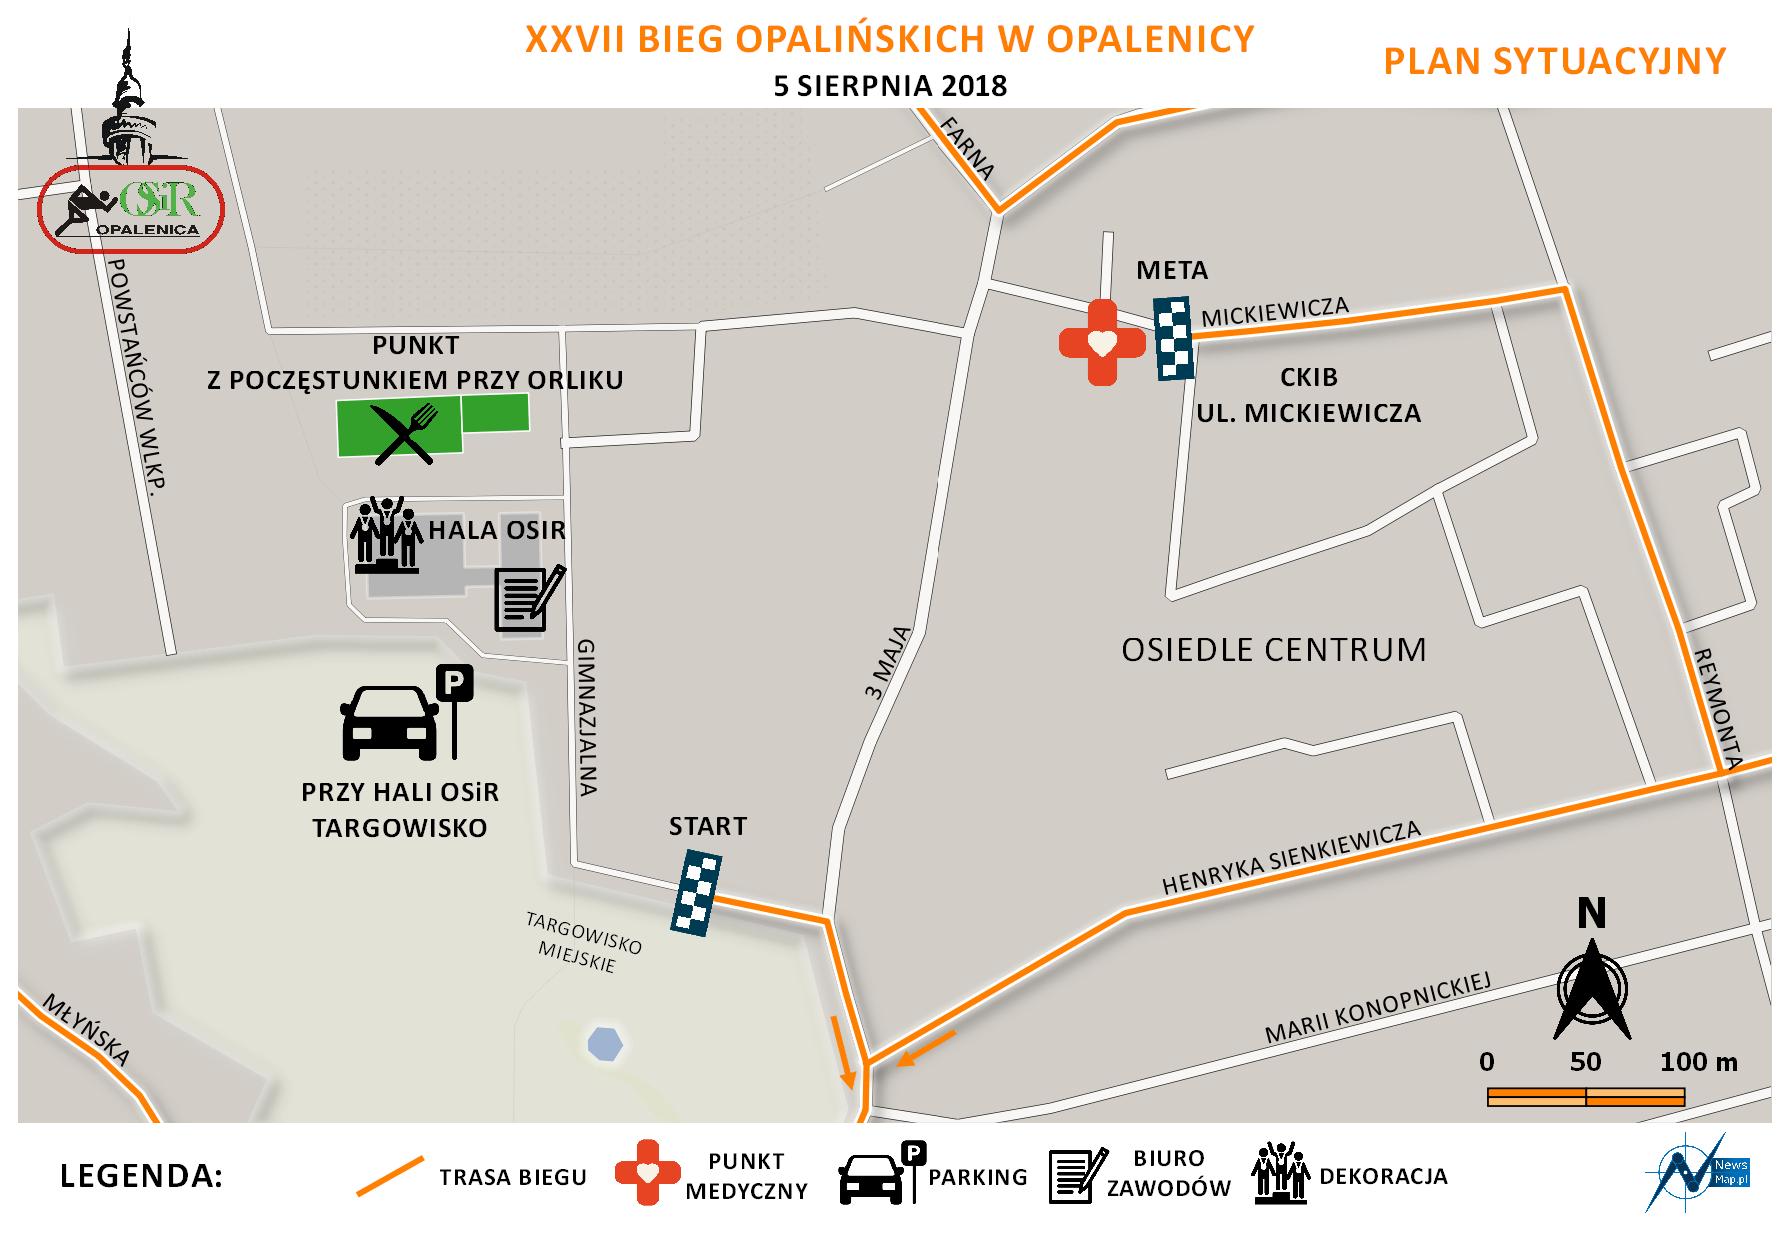 Plan sytuacyjny Bieg Opalińskich 2018 (on-line)